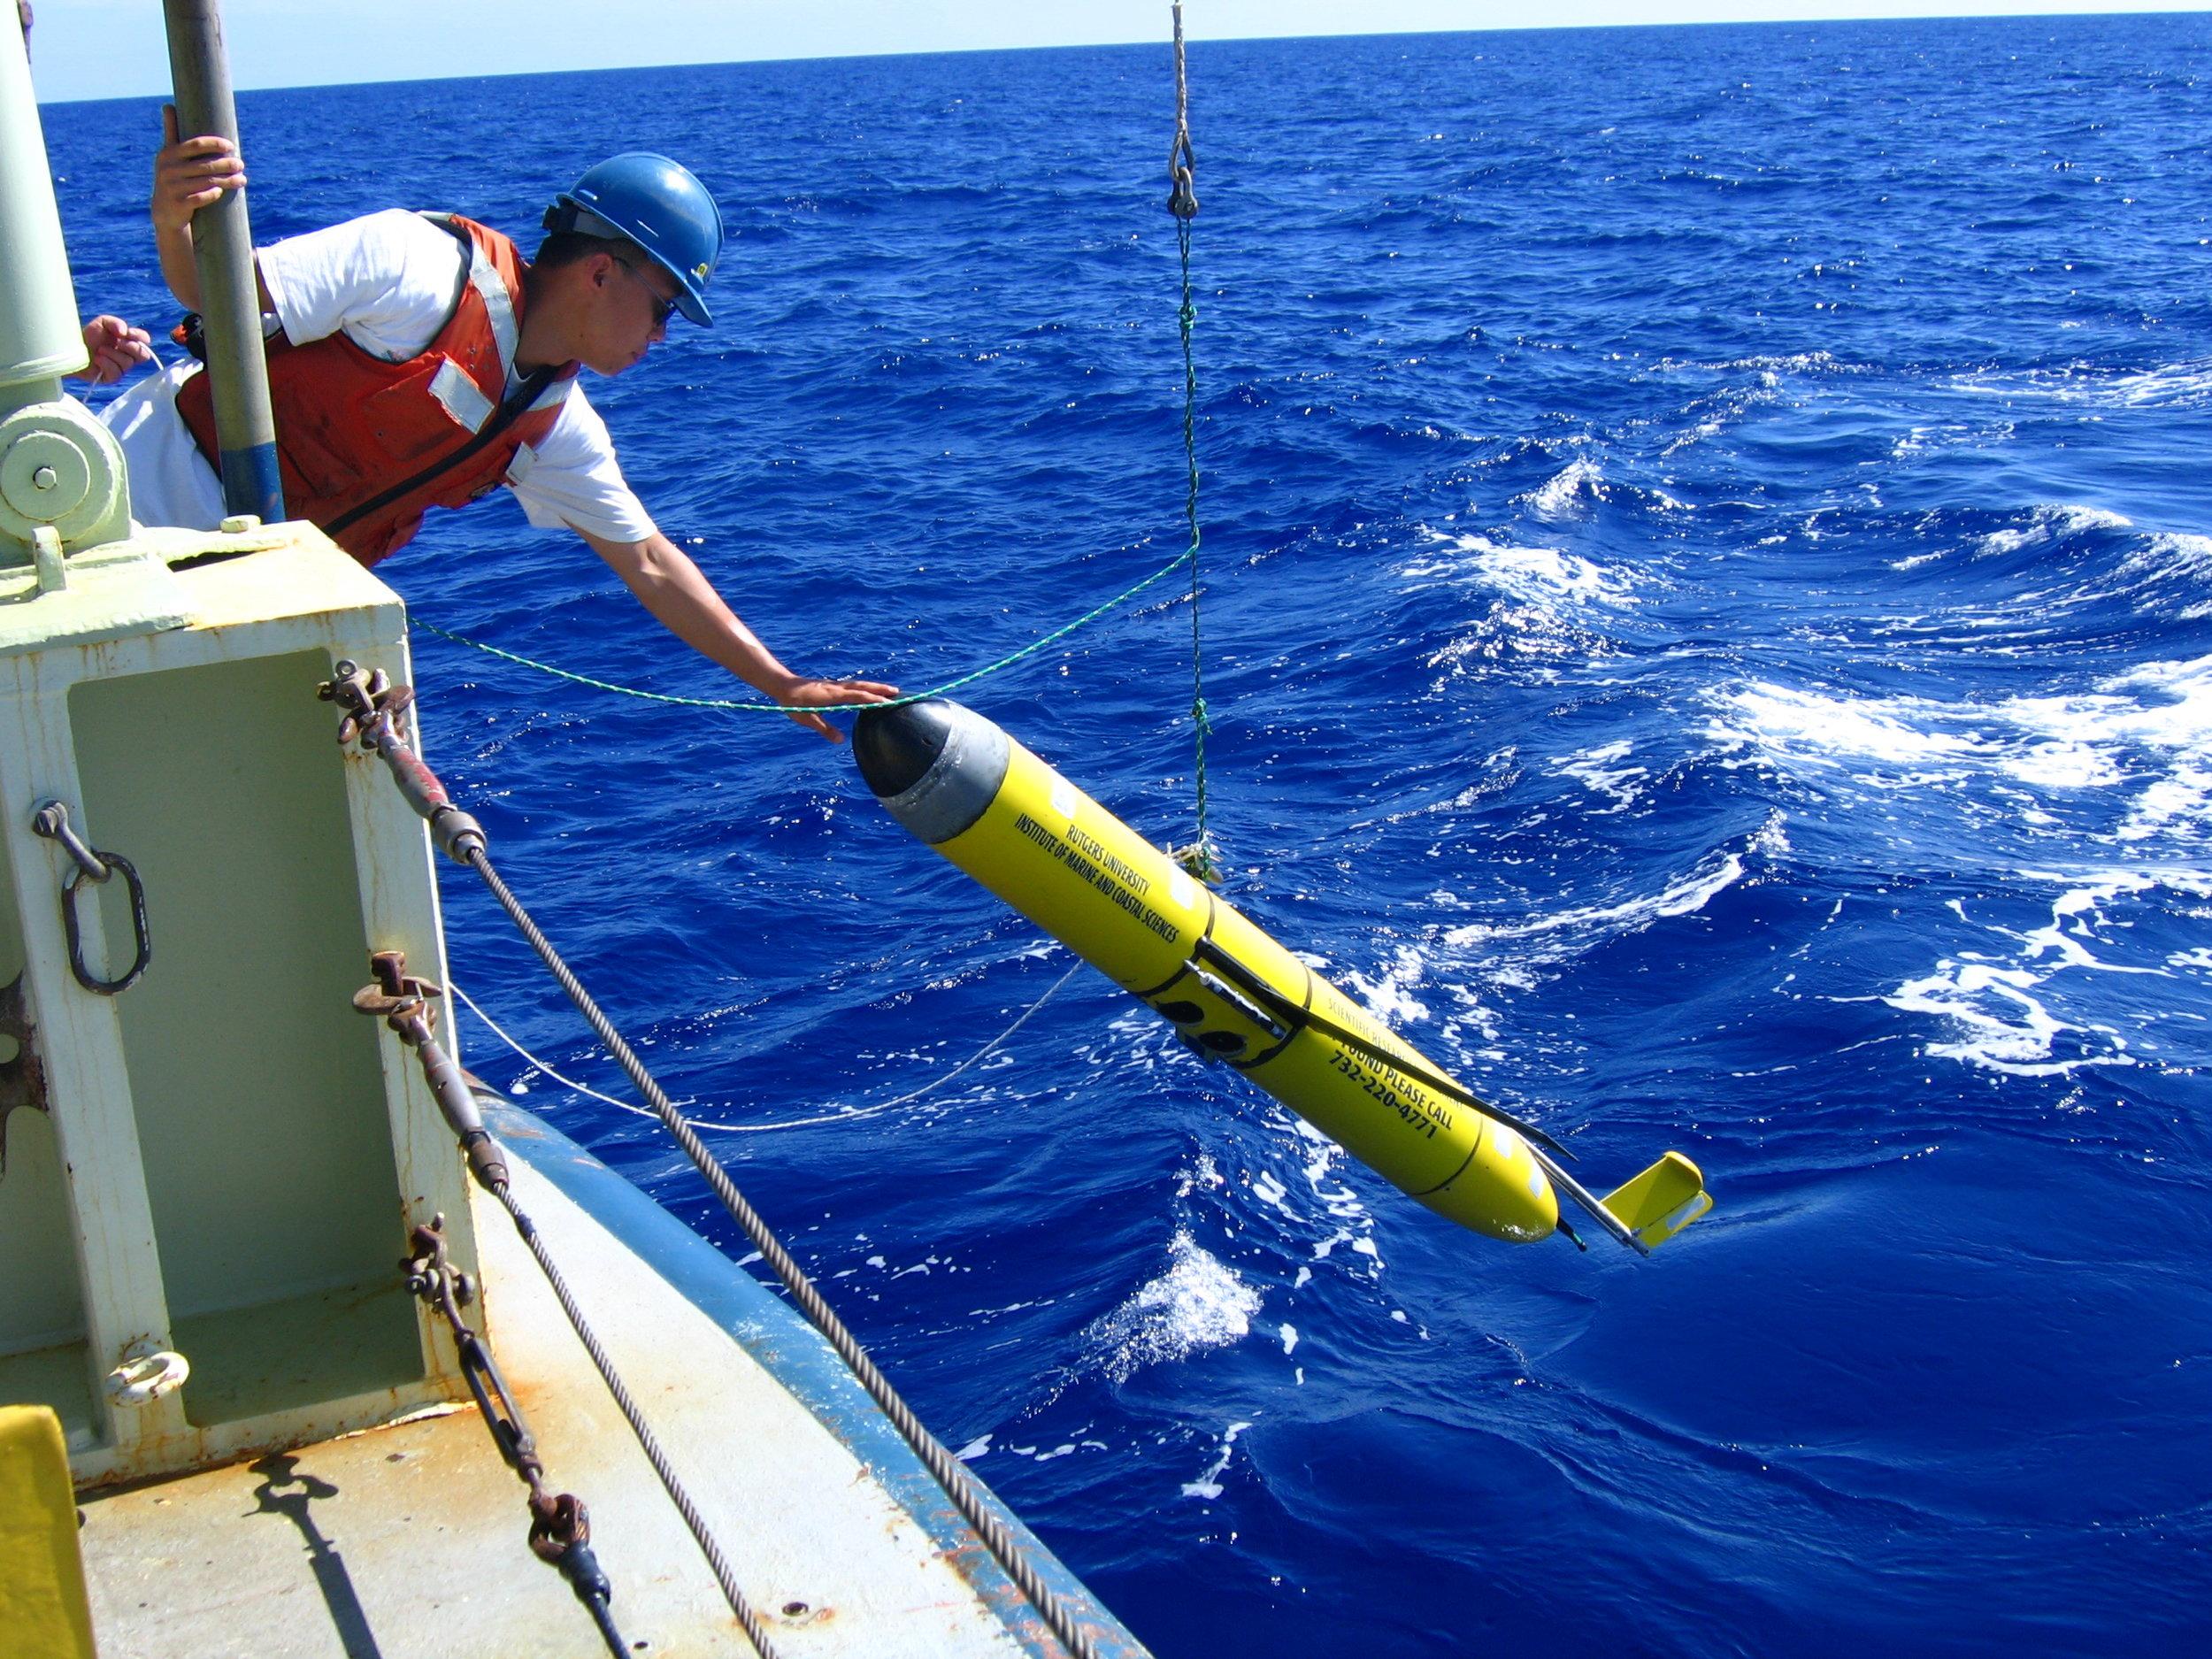 RV_Oceanus_deployment_RU02_2005.JPG